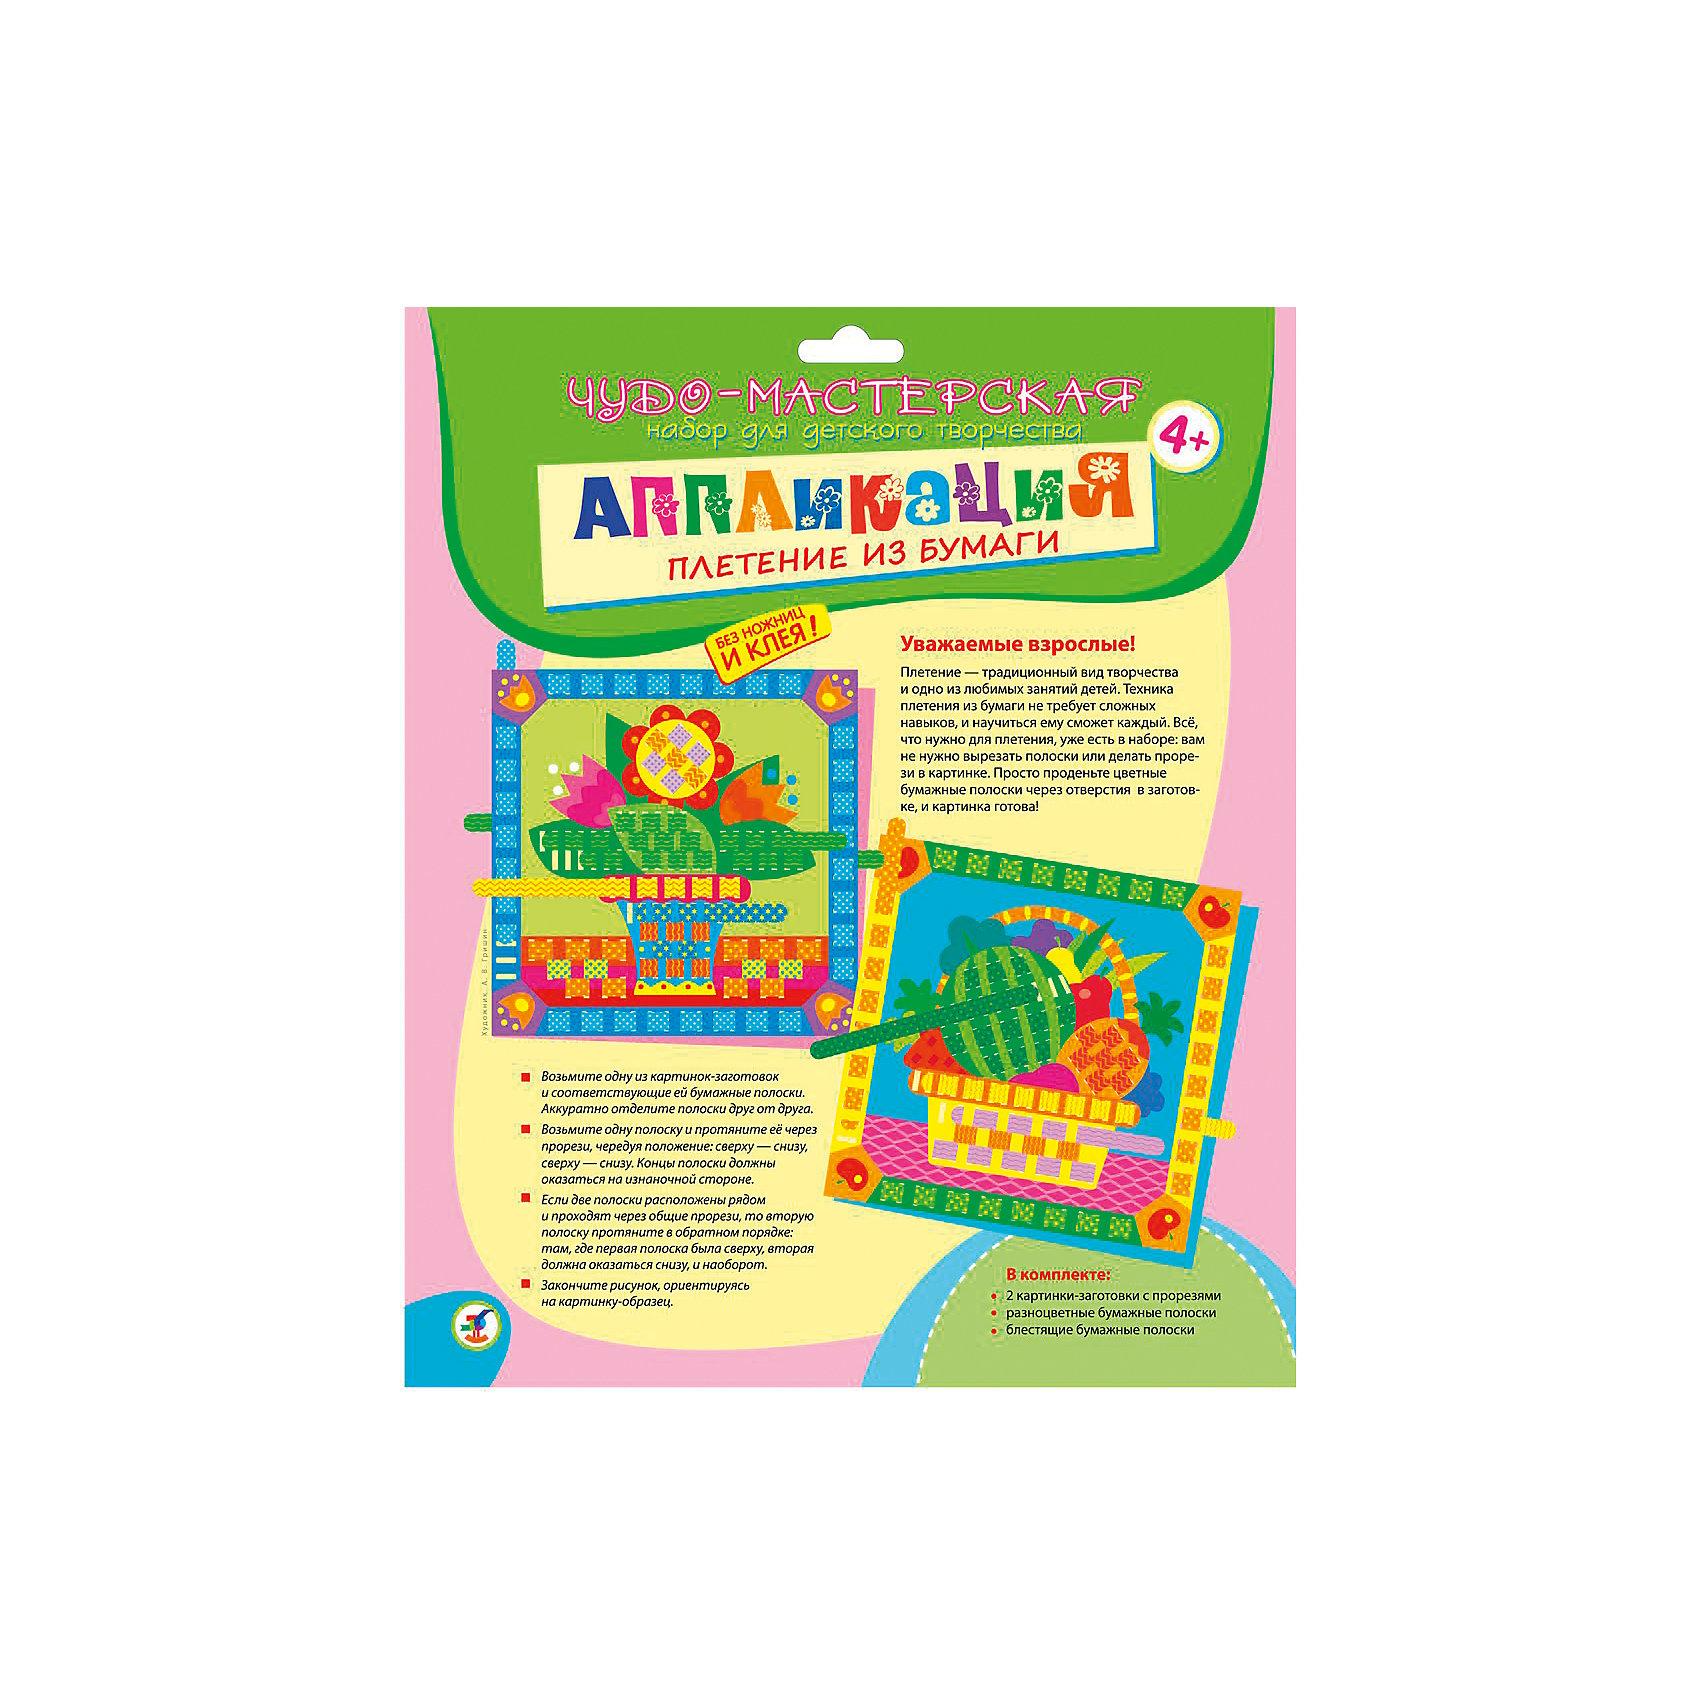 Плетение из бумаги Ваза с цветами. ФруктыПлетение из бумаги Ваза с цветами. Фрукты - увлекательный набор для детского творчества, который познакомит Вашего ребенка с традиционной техникой плетения и поможет создать чудесную поделку из бумаги. В наборе есть все необходимые для работы материалы: две картинки-заготовки с прорезями, разноцветные и блестящие бумажные полоски. Процесс изготовления не представляет больших сложностей и доступен даже самым маленьким: просто проденьте цветные бумажные полоски через отверстия и картинка готова! Протягивая полоски через прорези чередуйте положение: сверху - снизу, сверху - снизу. Закончите картинку, ориентируясь на цветной образец. Концы полоски должны оказаться на изнаночной стороне. Красочные картинки с изображениями цветочного букета и аппетитных фруктов украсят комнату ребенка или станут оригинальным сувениром для друзей и родных. Набор способствует развитию мелкой моторики, внимания, аккуратности и усидчивости.<br><br>Дополнительная информация:<br><br>- В комплекте: 2 картинки-заготовки с прорезями, разноцветные бумажные полоски, блестящие бумажные полоски.<br>- Материал: картон, бумага, голографическая пленка.<br>- Размер упаковки: 25 x 20 x 0,3 см.<br>- Вес: 82 гр.<br><br>Плетение из бумаги Ваза с цветами. Фрукты, Дрофа Медиа, можно купить в нашем интернет-магазине.<br><br>Ширина мм: 250<br>Глубина мм: 200<br>Высота мм: 2<br>Вес г: 85<br>Возраст от месяцев: 48<br>Возраст до месяцев: 2147483647<br>Пол: Унисекс<br>Возраст: Детский<br>SKU: 4561862